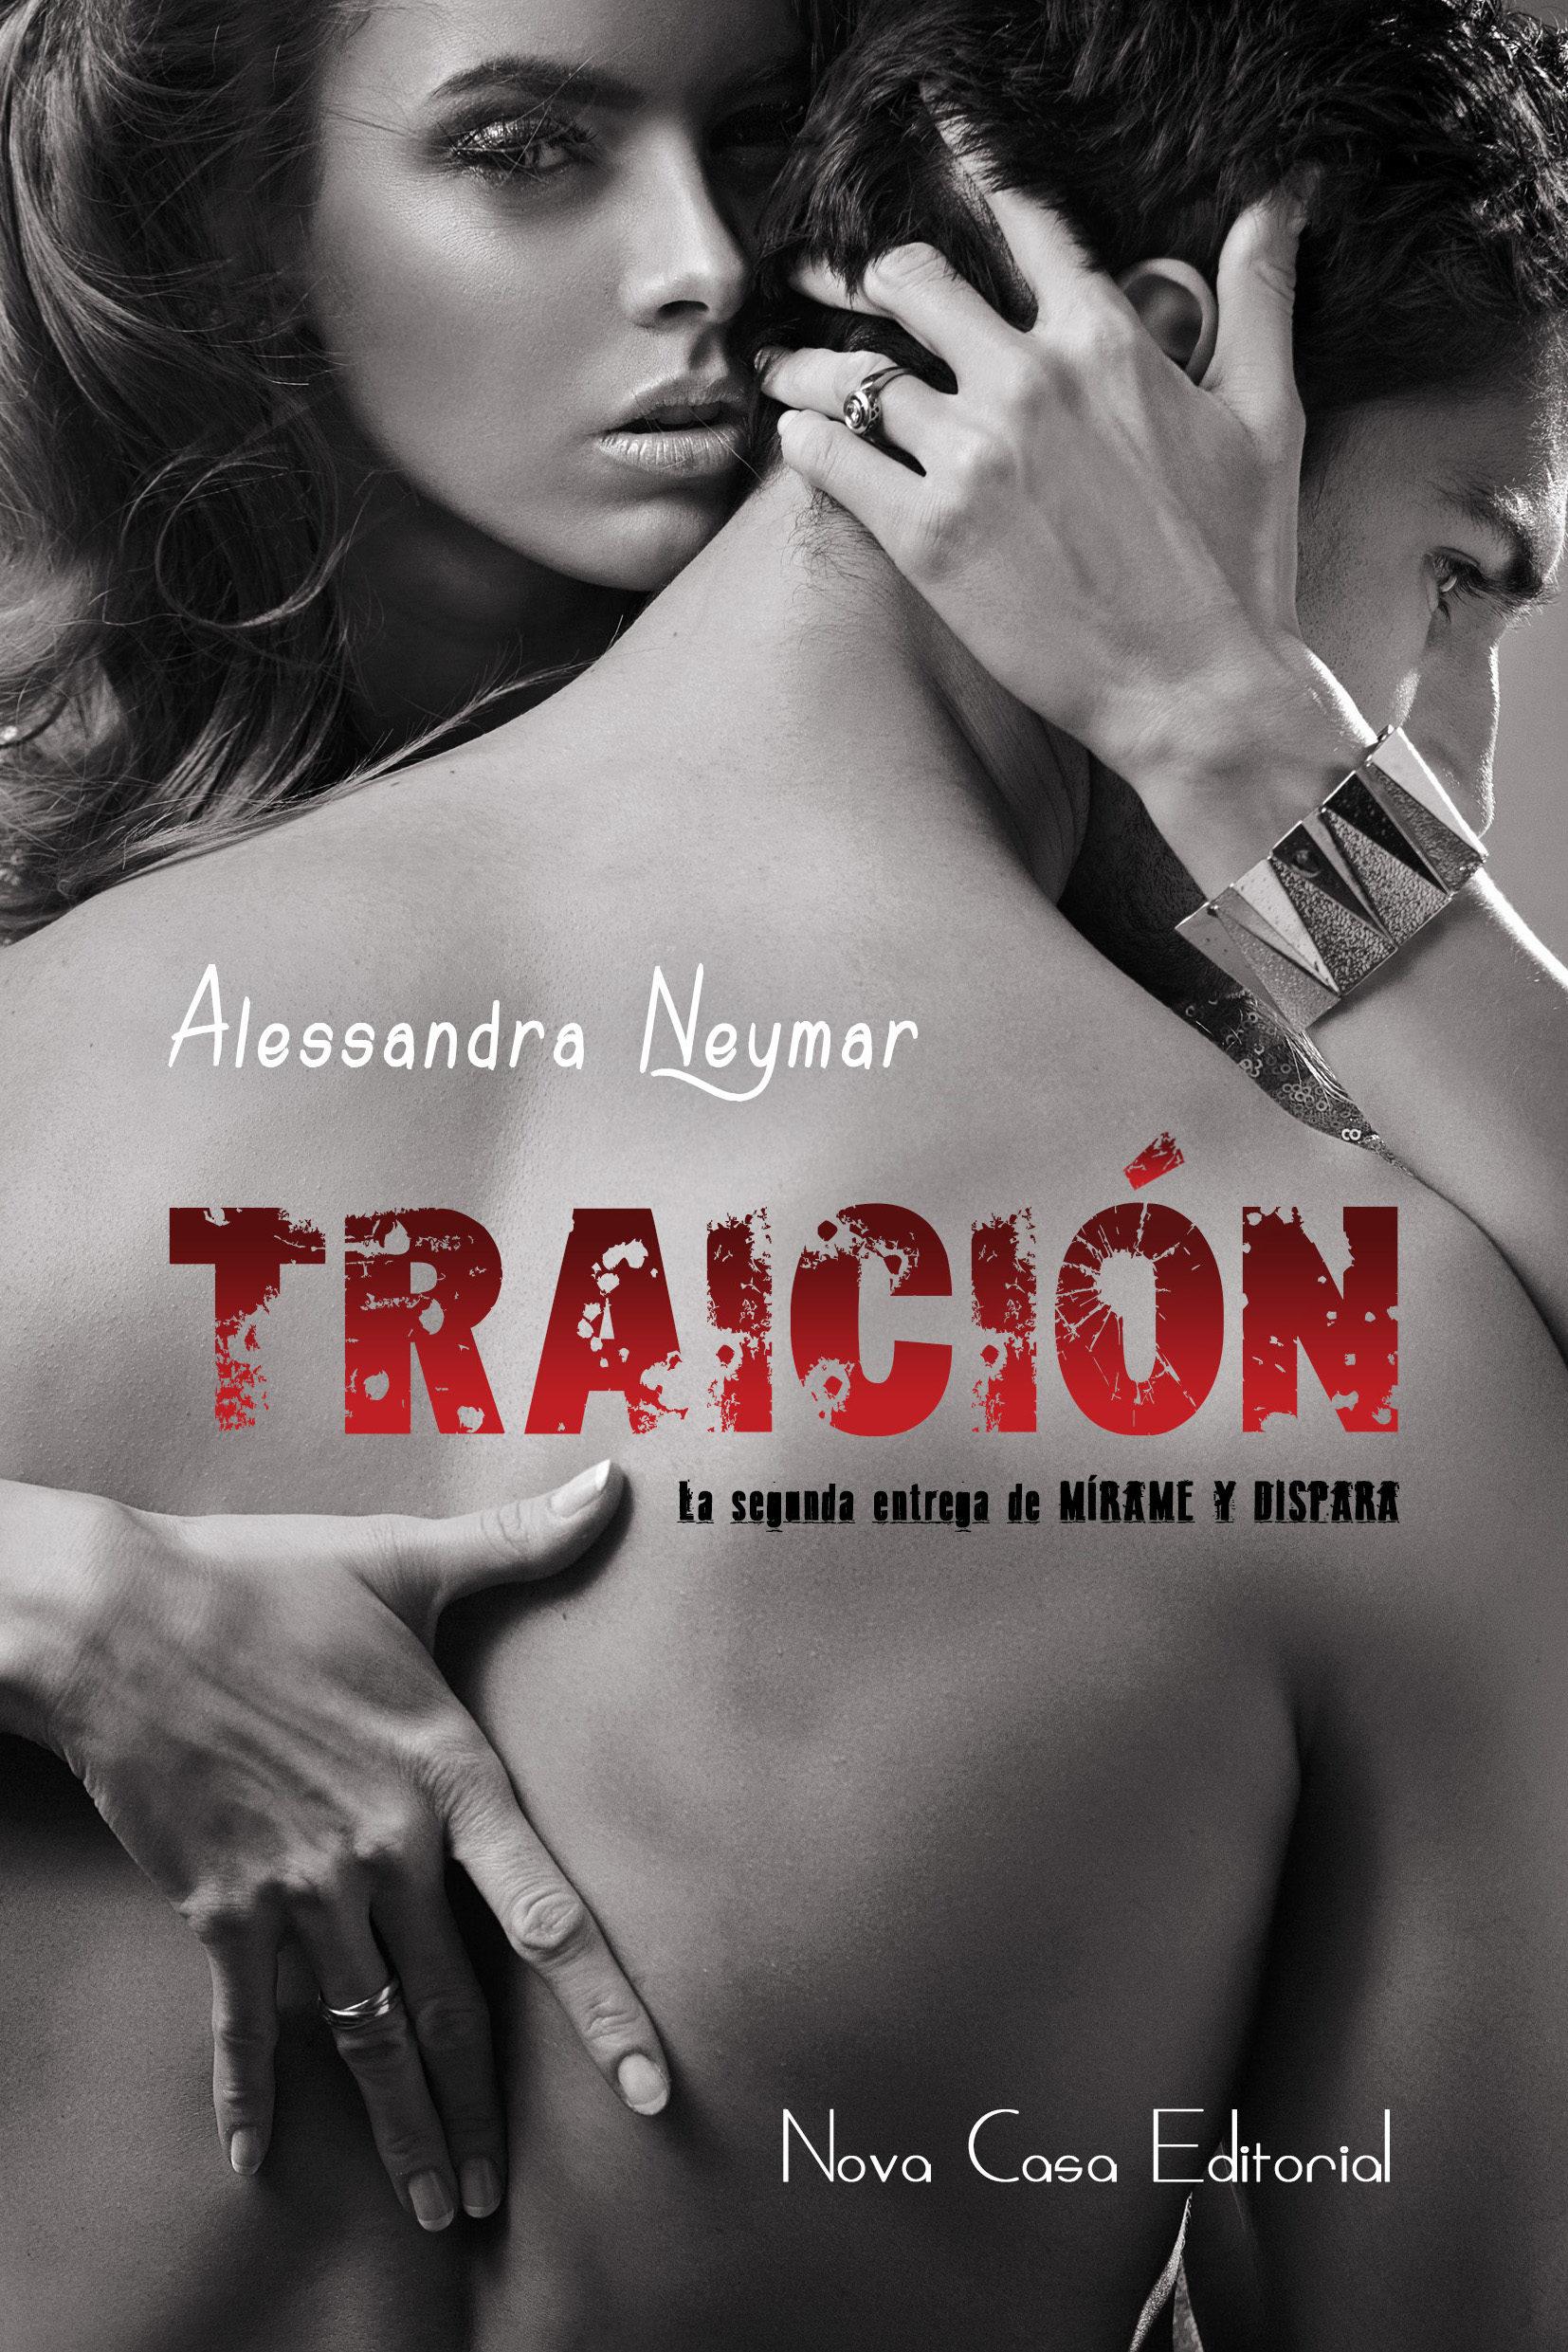 Resultado de imagen de Traición - Alessandra Neymar